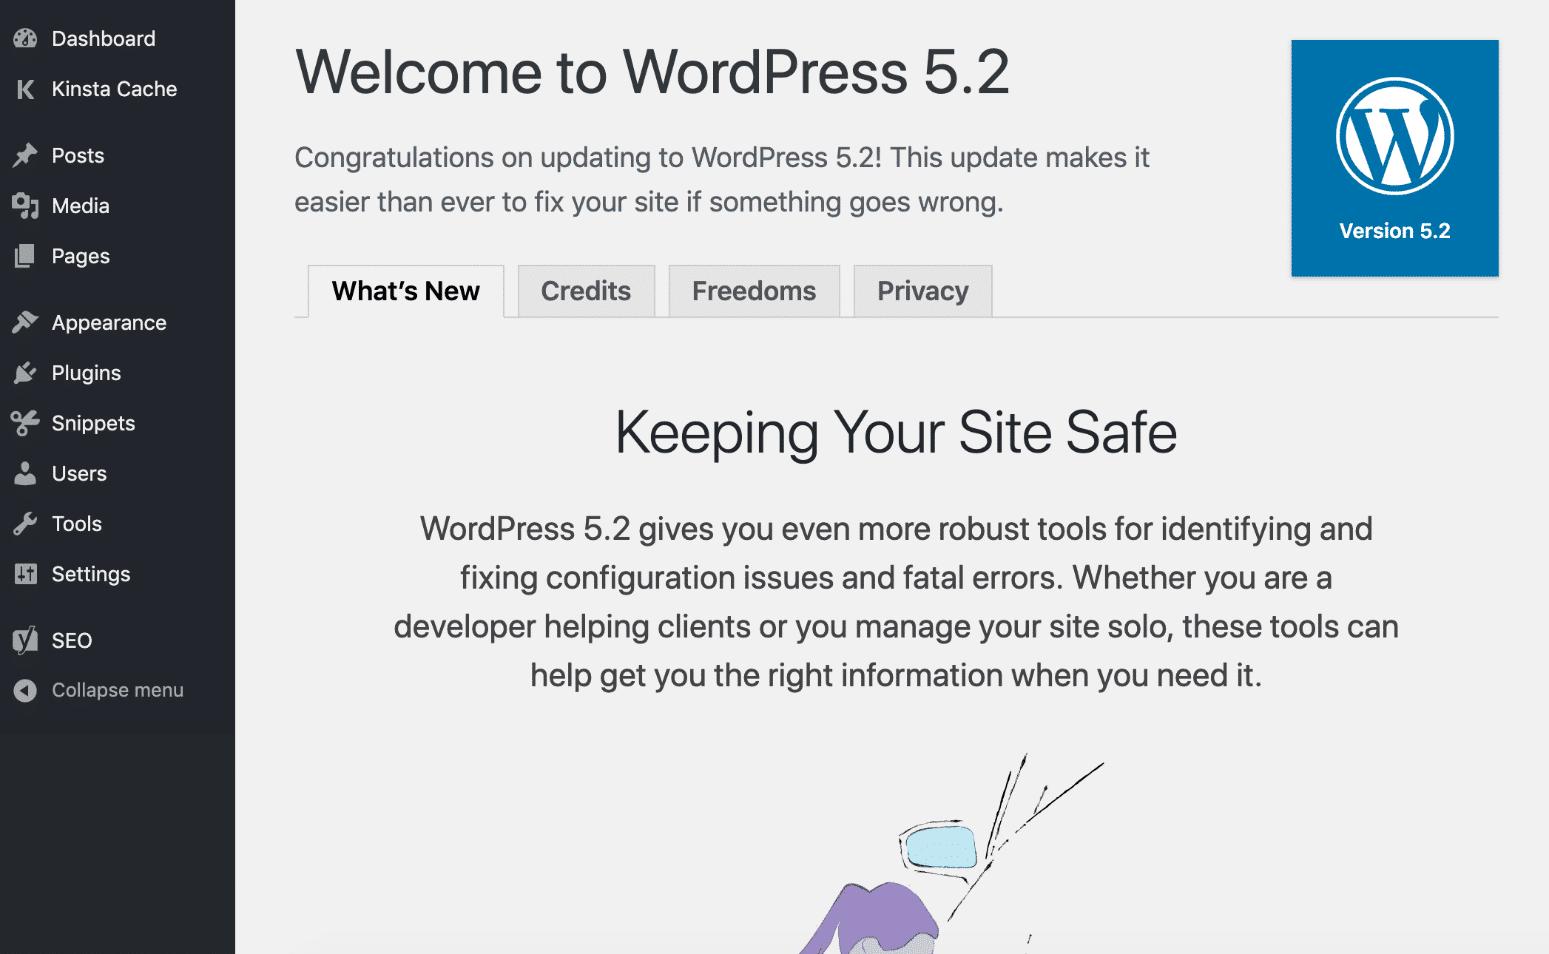 Schermata di benvenuto di WordPress 5.2